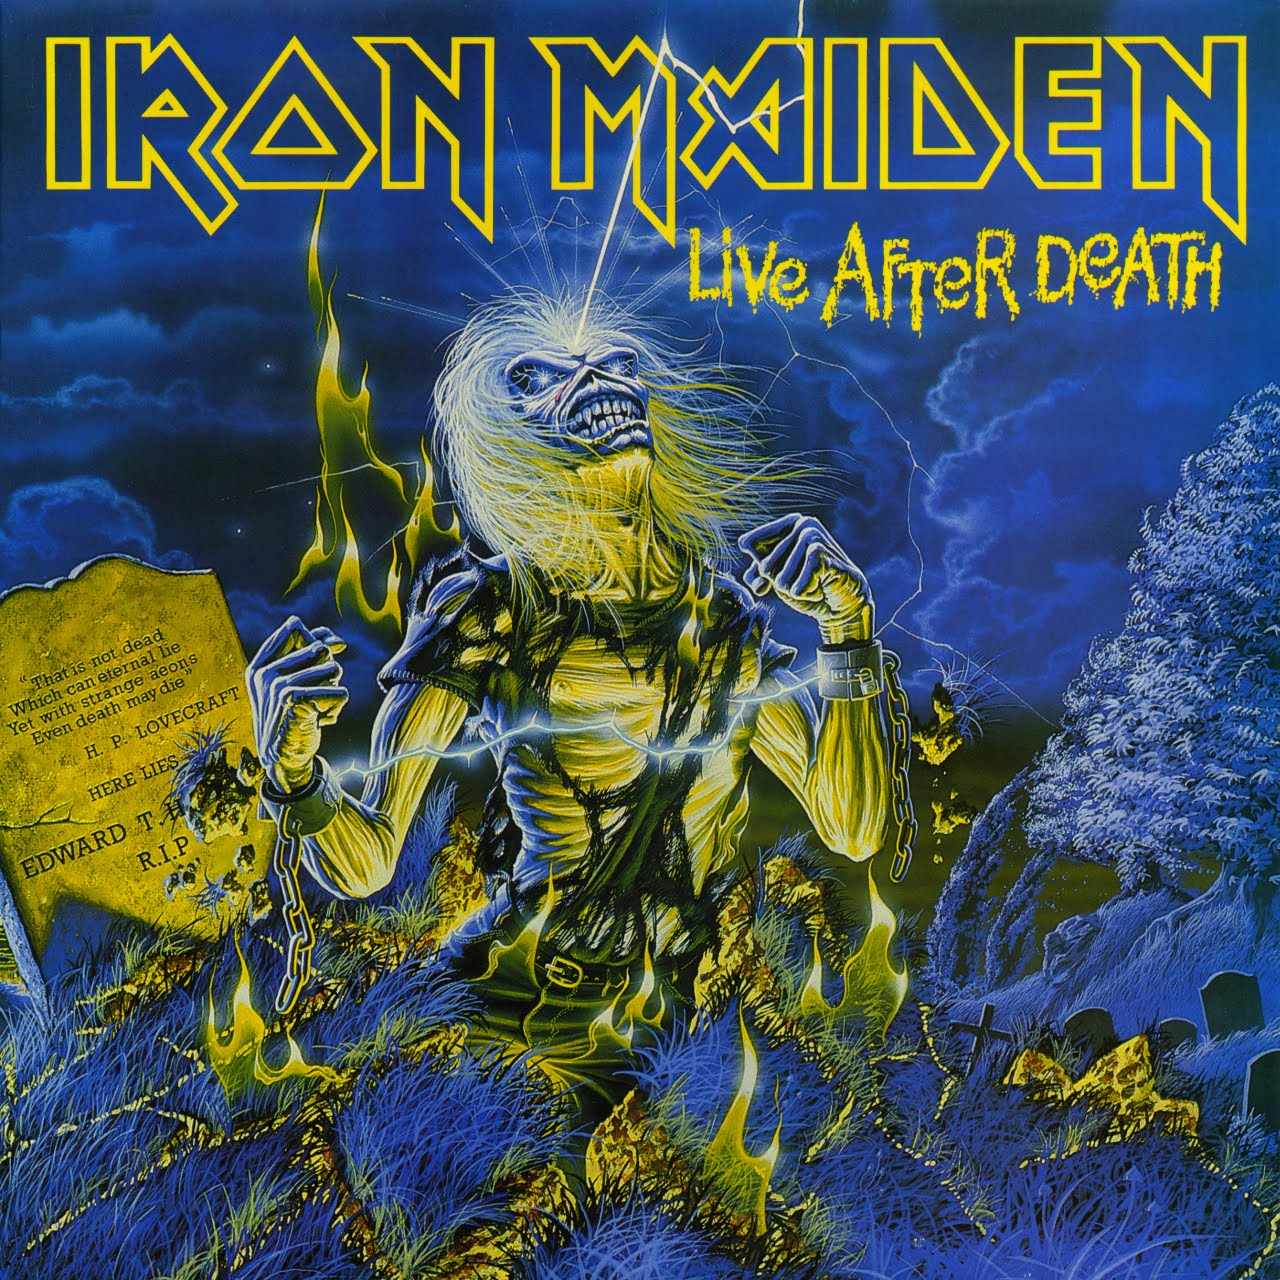 CUAL FUE EL PRIMER DISCO DE ROCK AND ROLL QUE COMPRASTEIS? - Página 3 Album_iron_maiden_live_after_death